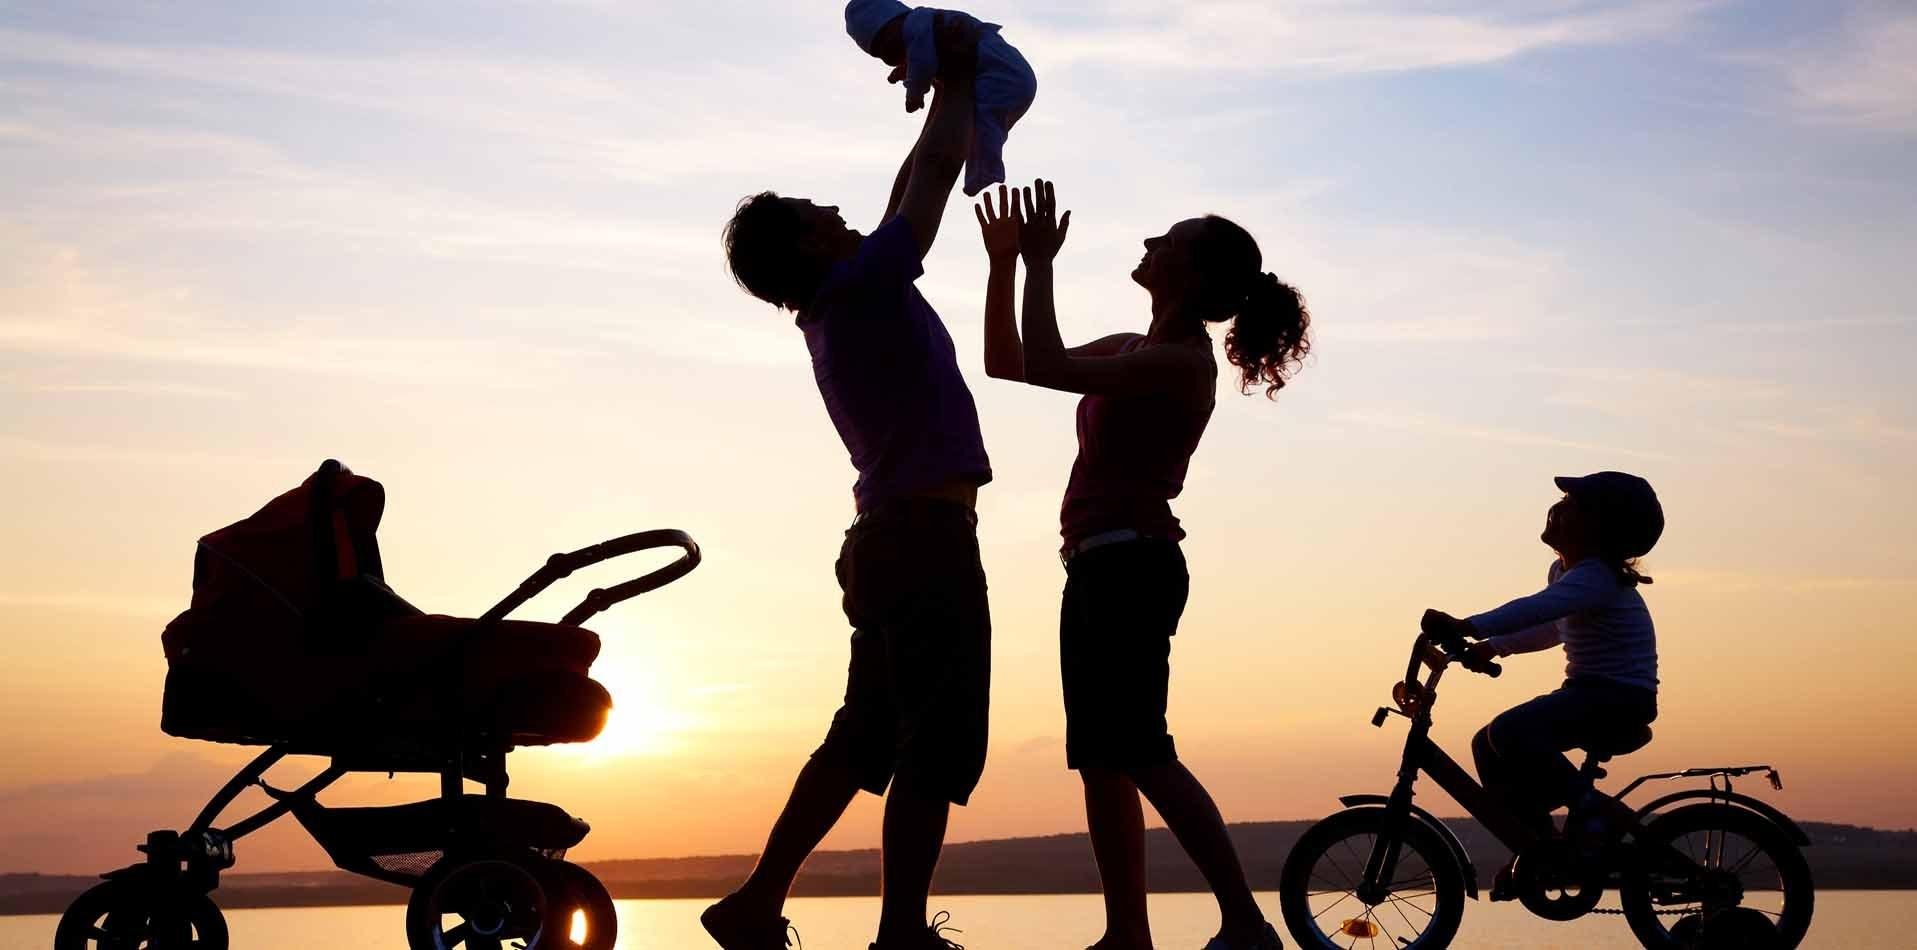 gia đình, gia đình hạnh phúc, gia đình tan vỡ